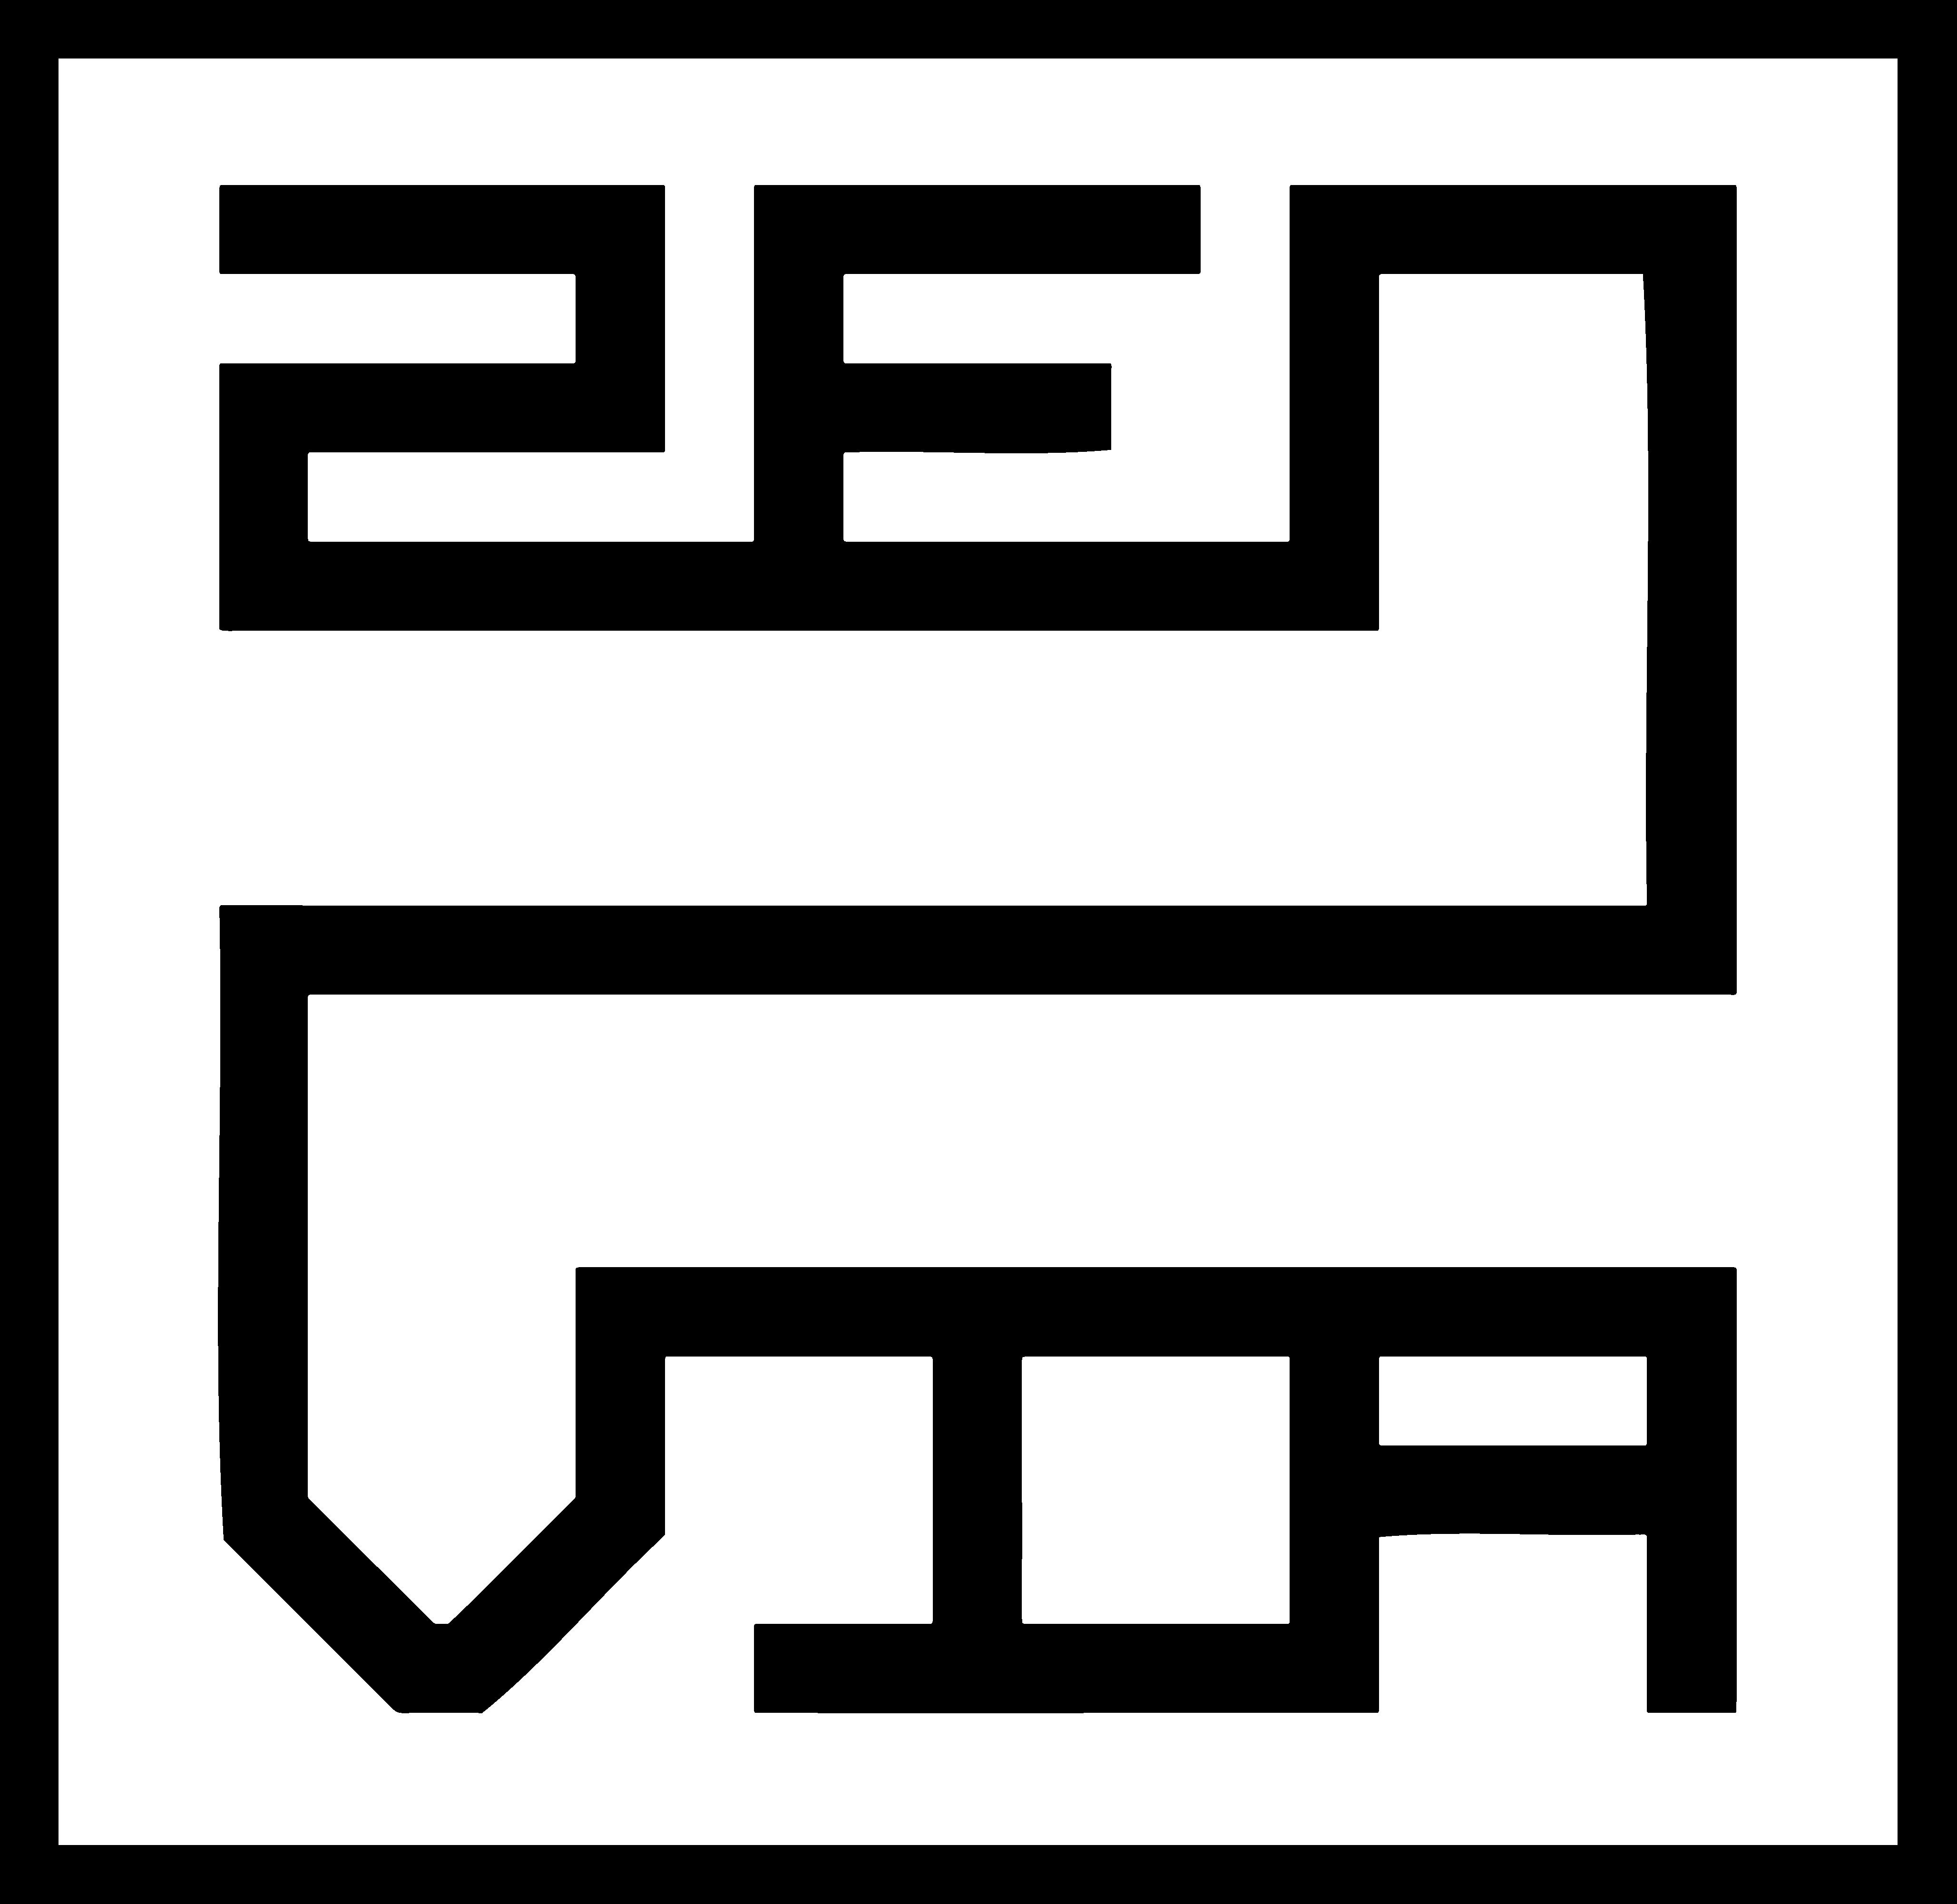 Logo zenvia vertical positivo